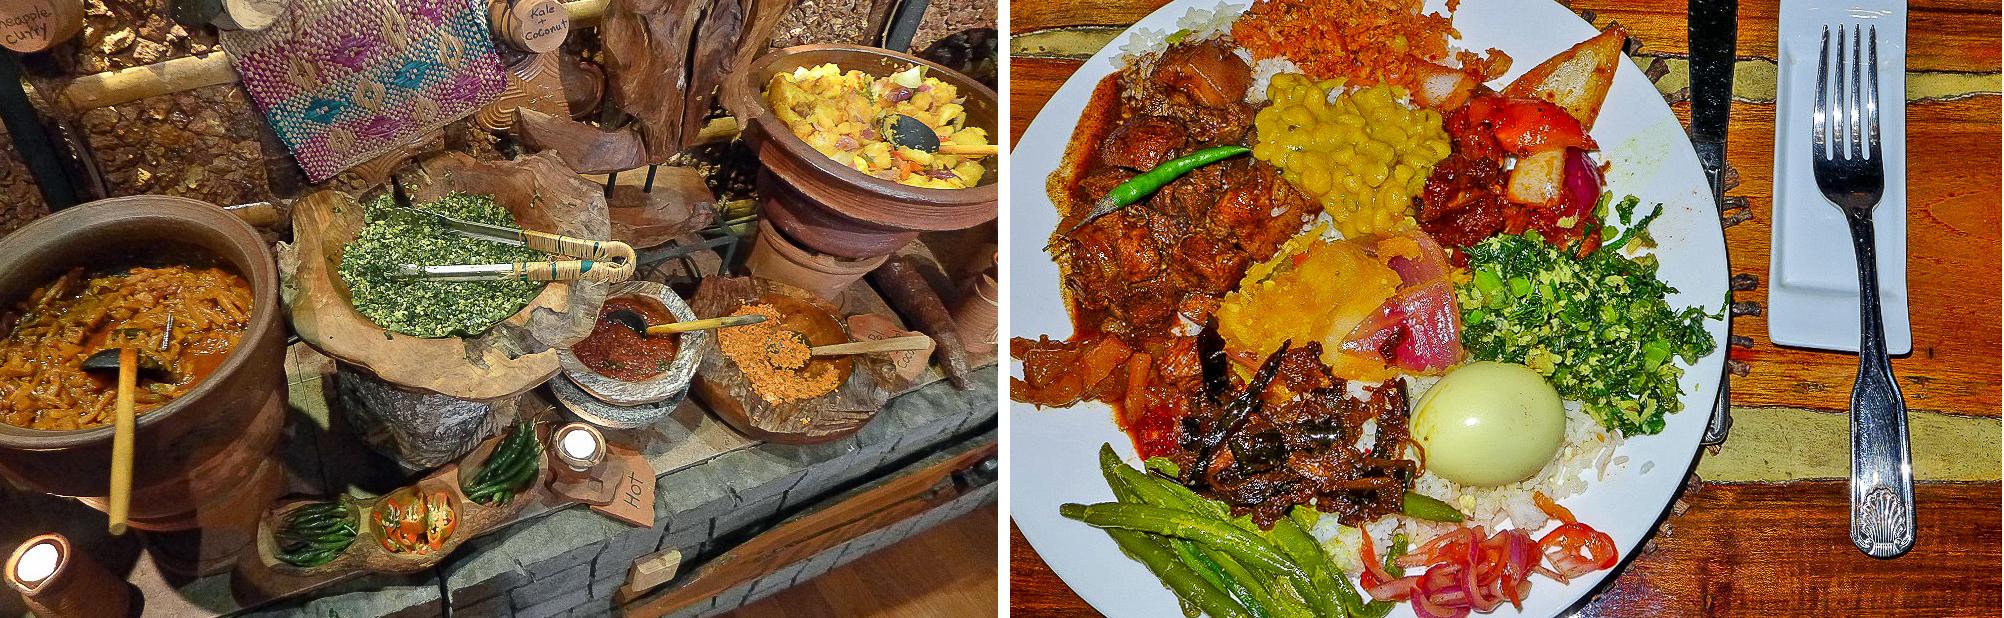 Chinese Food Flatbush Ave